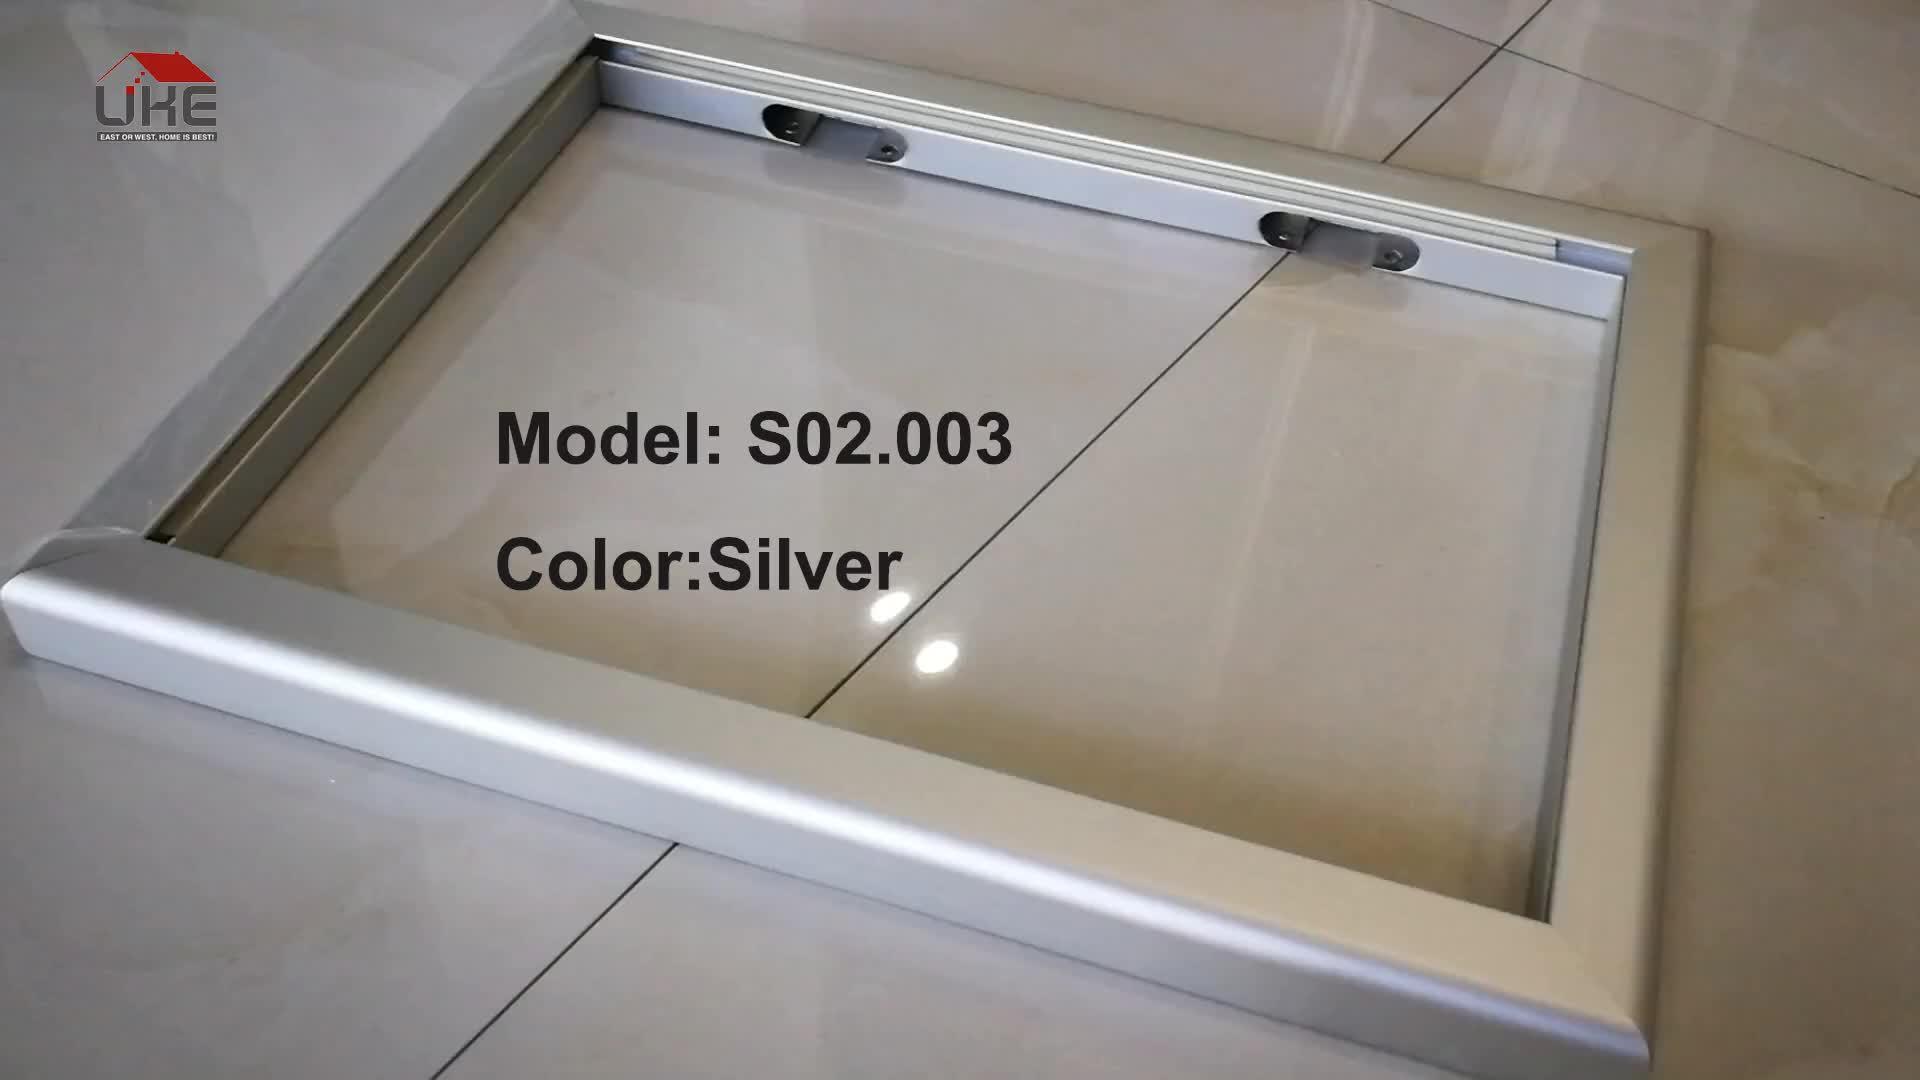 S02.03 Kanada Usa Beliebte Aluminium Rahmen Türen Küchenschrank ...